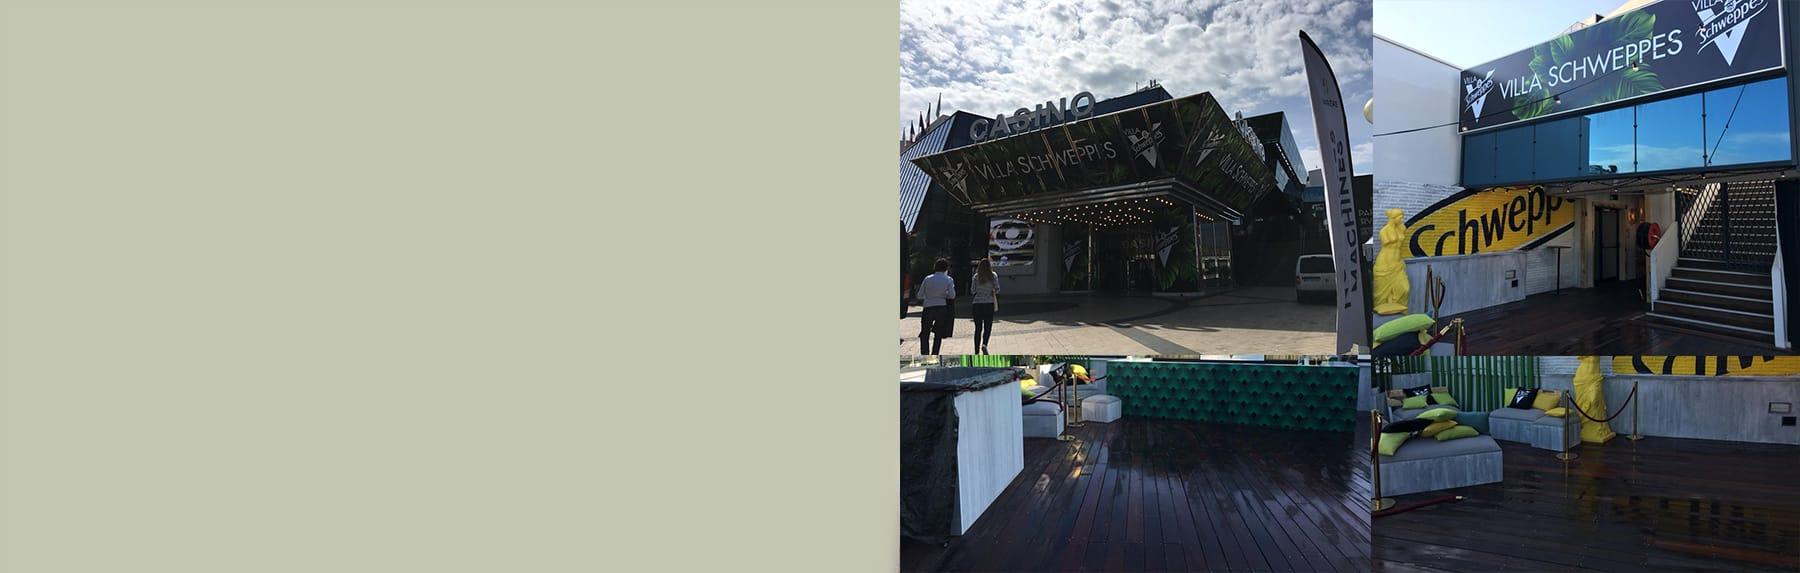 Entreprise de nettoyage bio - Valbonne-Sophia Antipolis, Antibes, Cannes, Nice et les Alpes Maritimes -